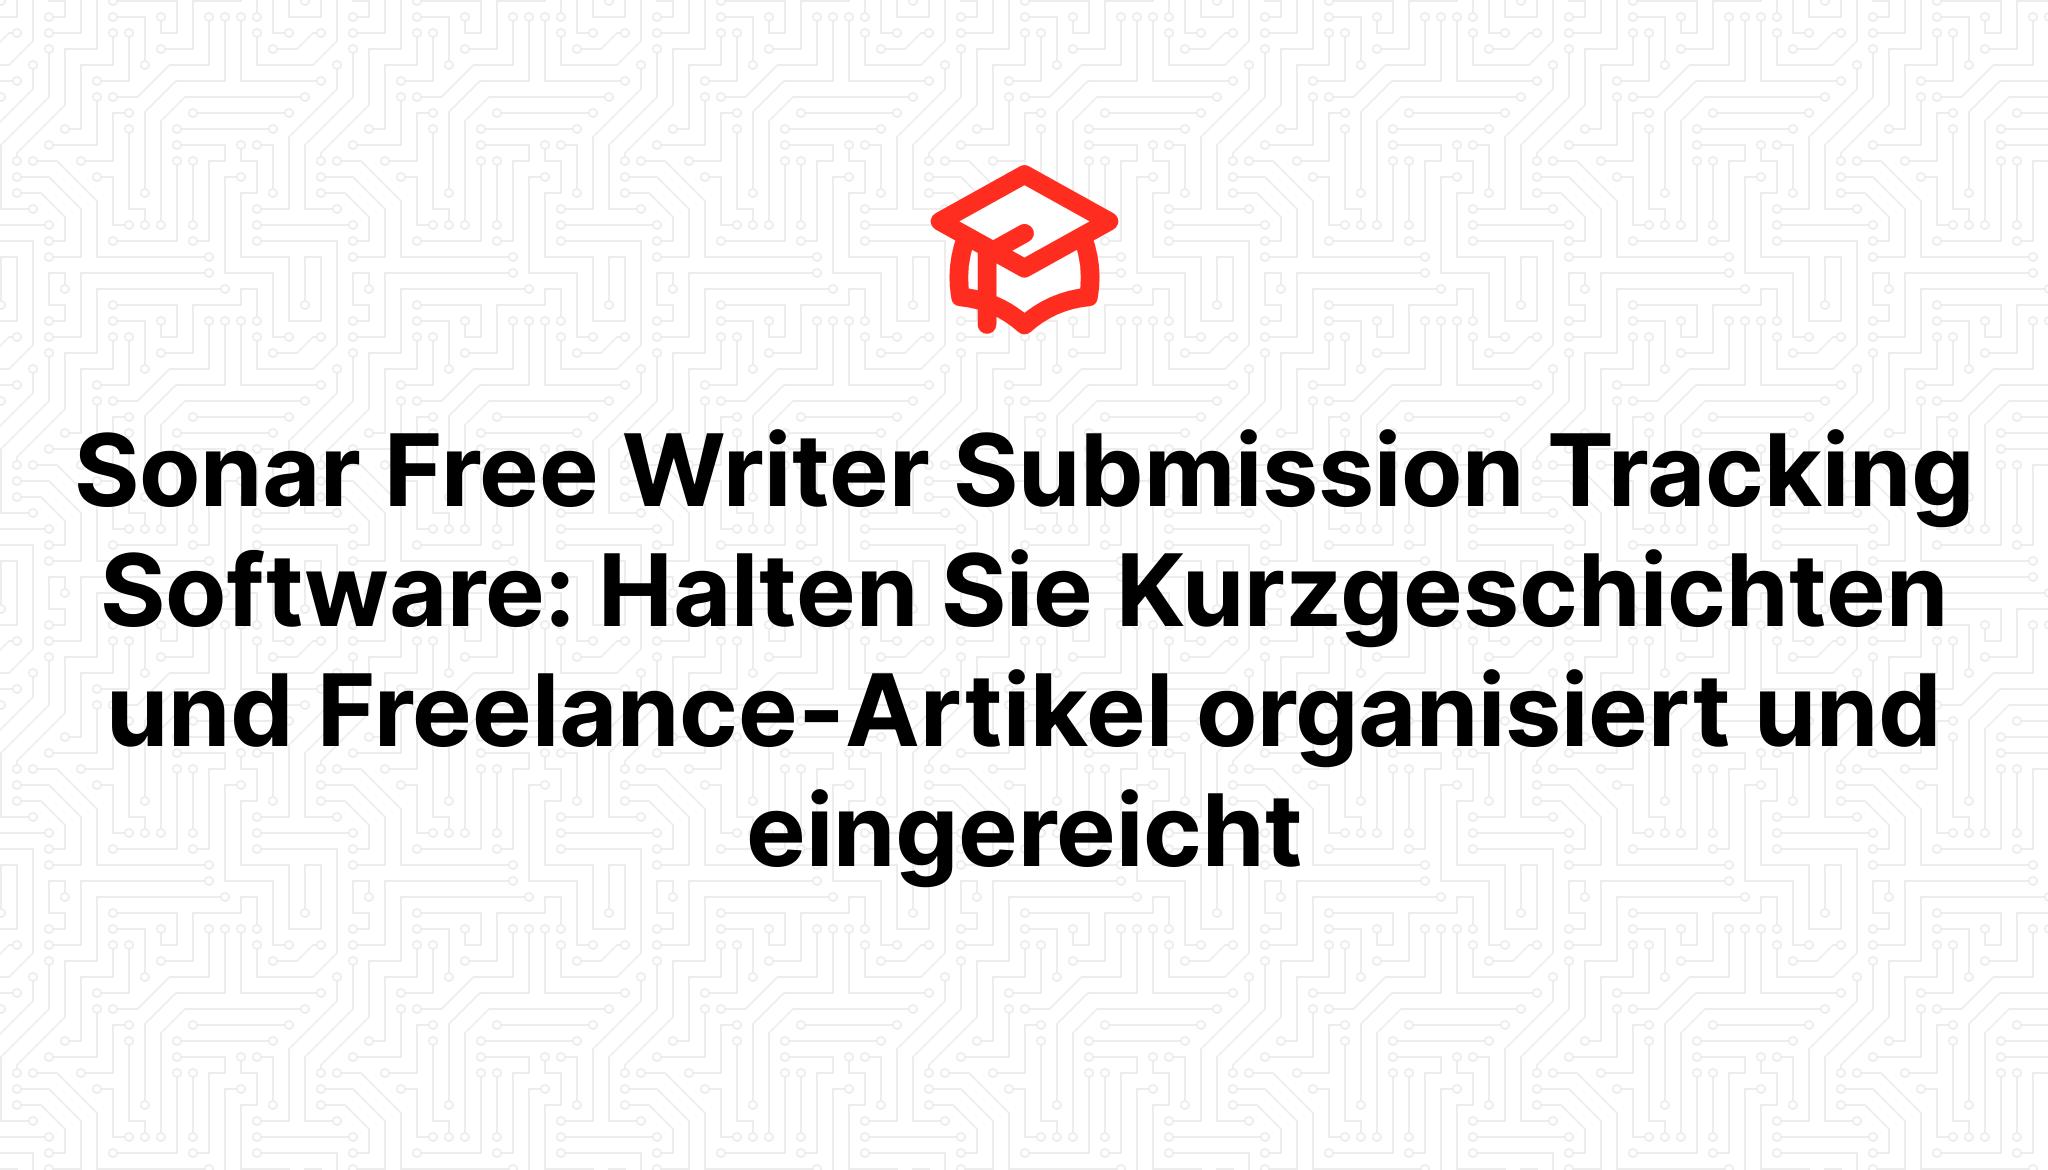 Sonar Free Writer Submission Tracking Software: Halten Sie Kurzgeschichten und Freelance-Artikel organisiert und eingereicht